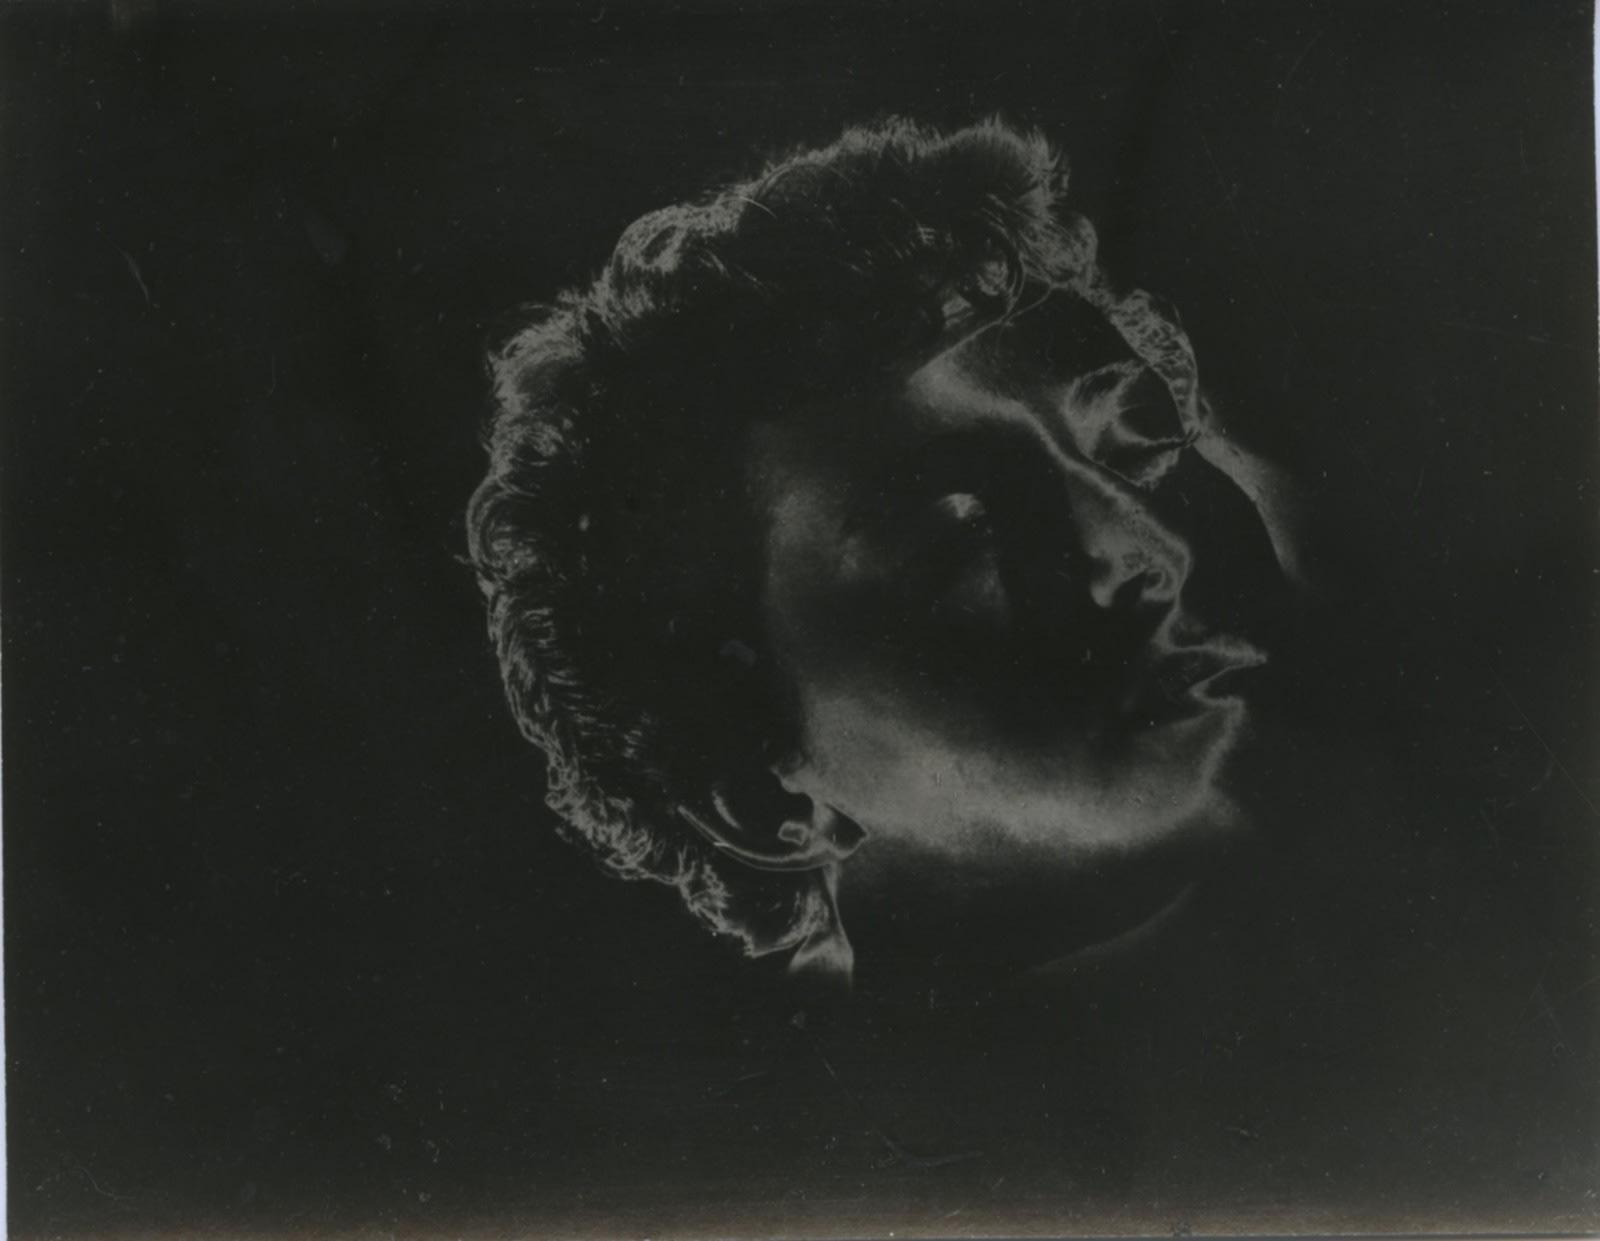 Pierre Boucher, Étude, c. 1937